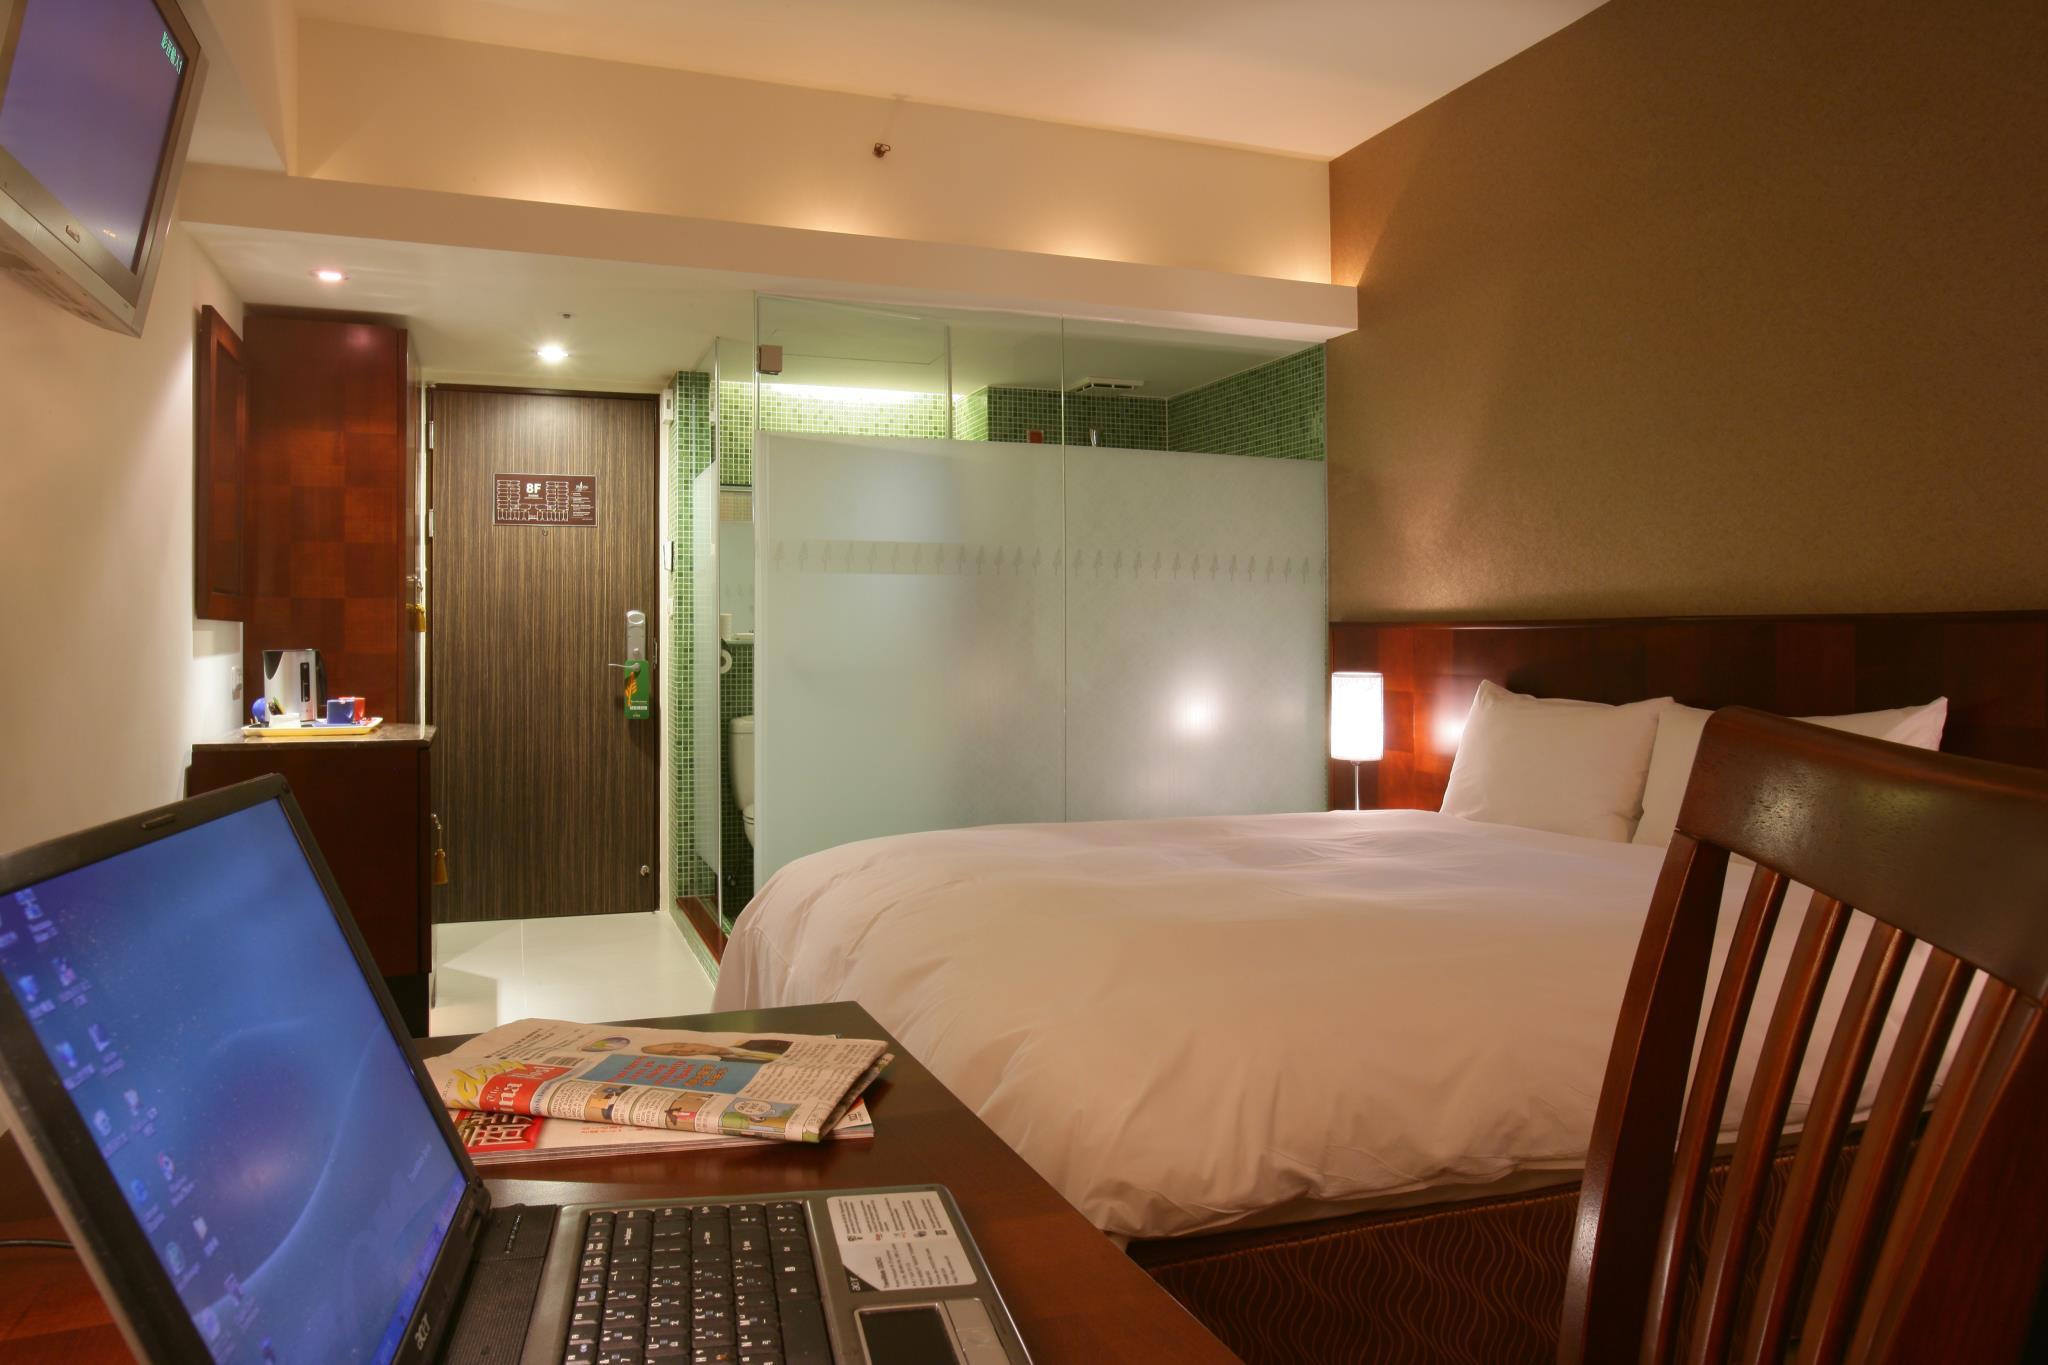 臺中市文華道會館 (In One City Inn) - Agoda 提供行程前一刻網上即時優惠價格訂房服務